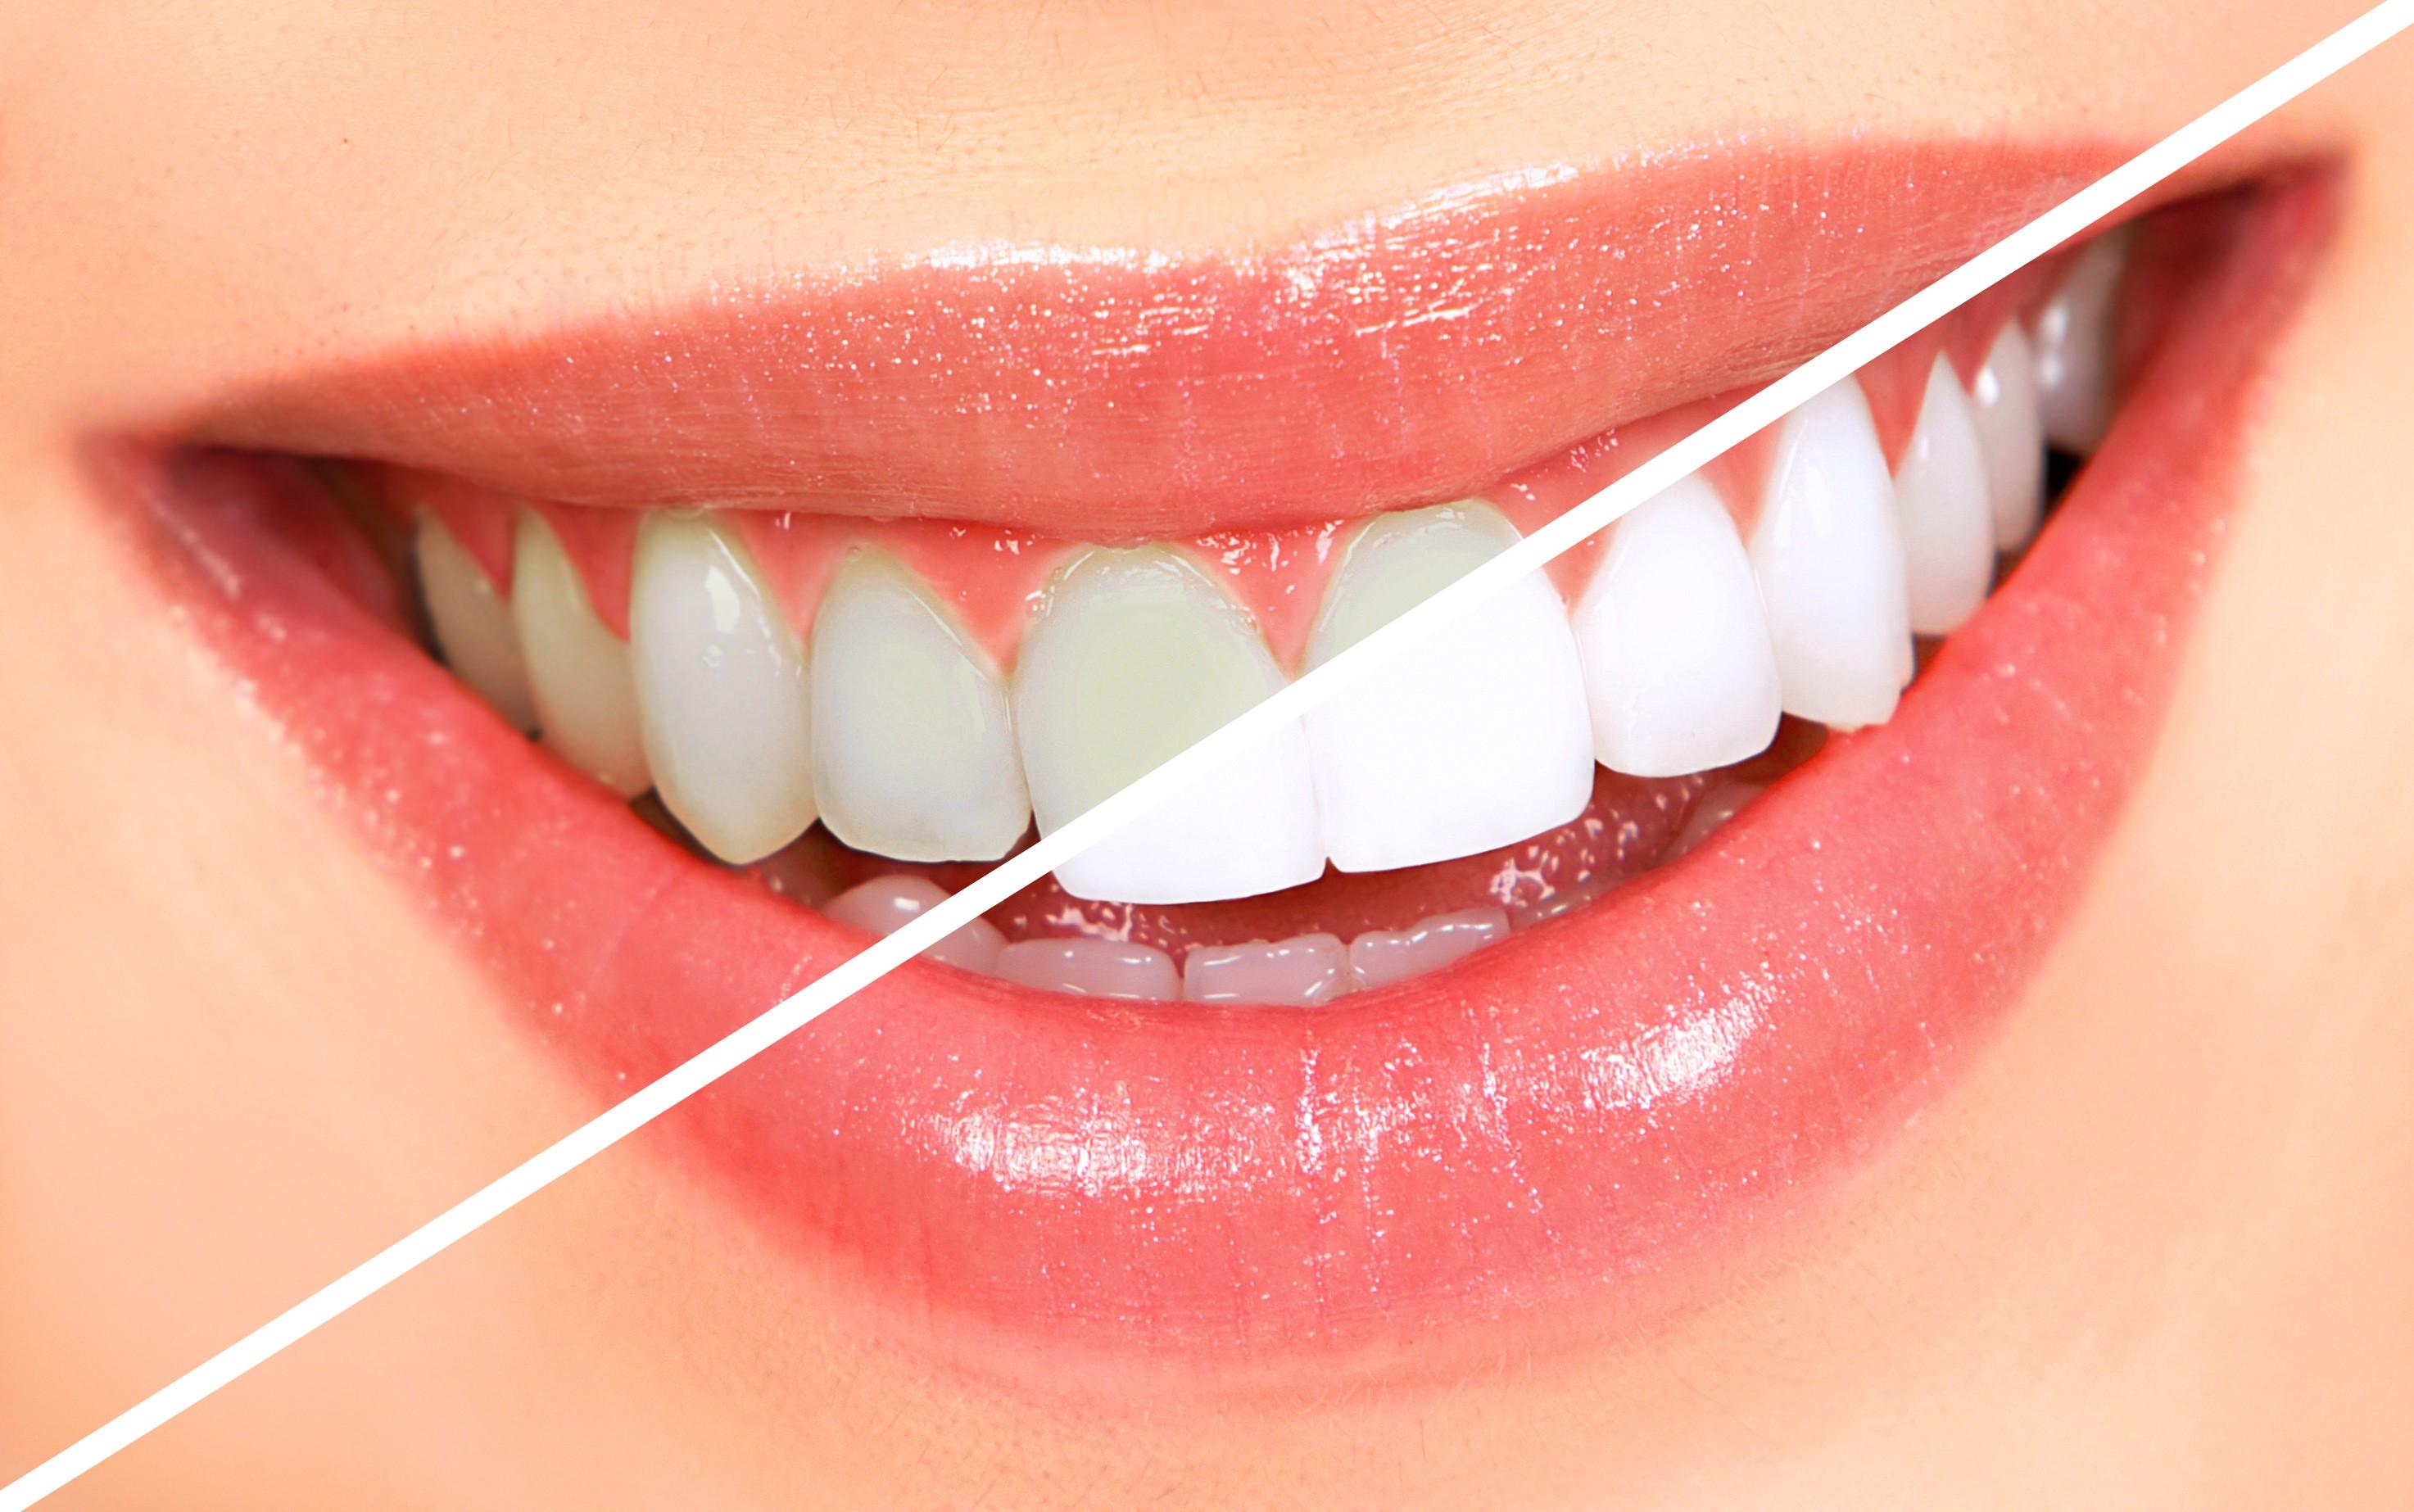 Dişleri Beyazlatmak İçin Ne Yapılabilir?